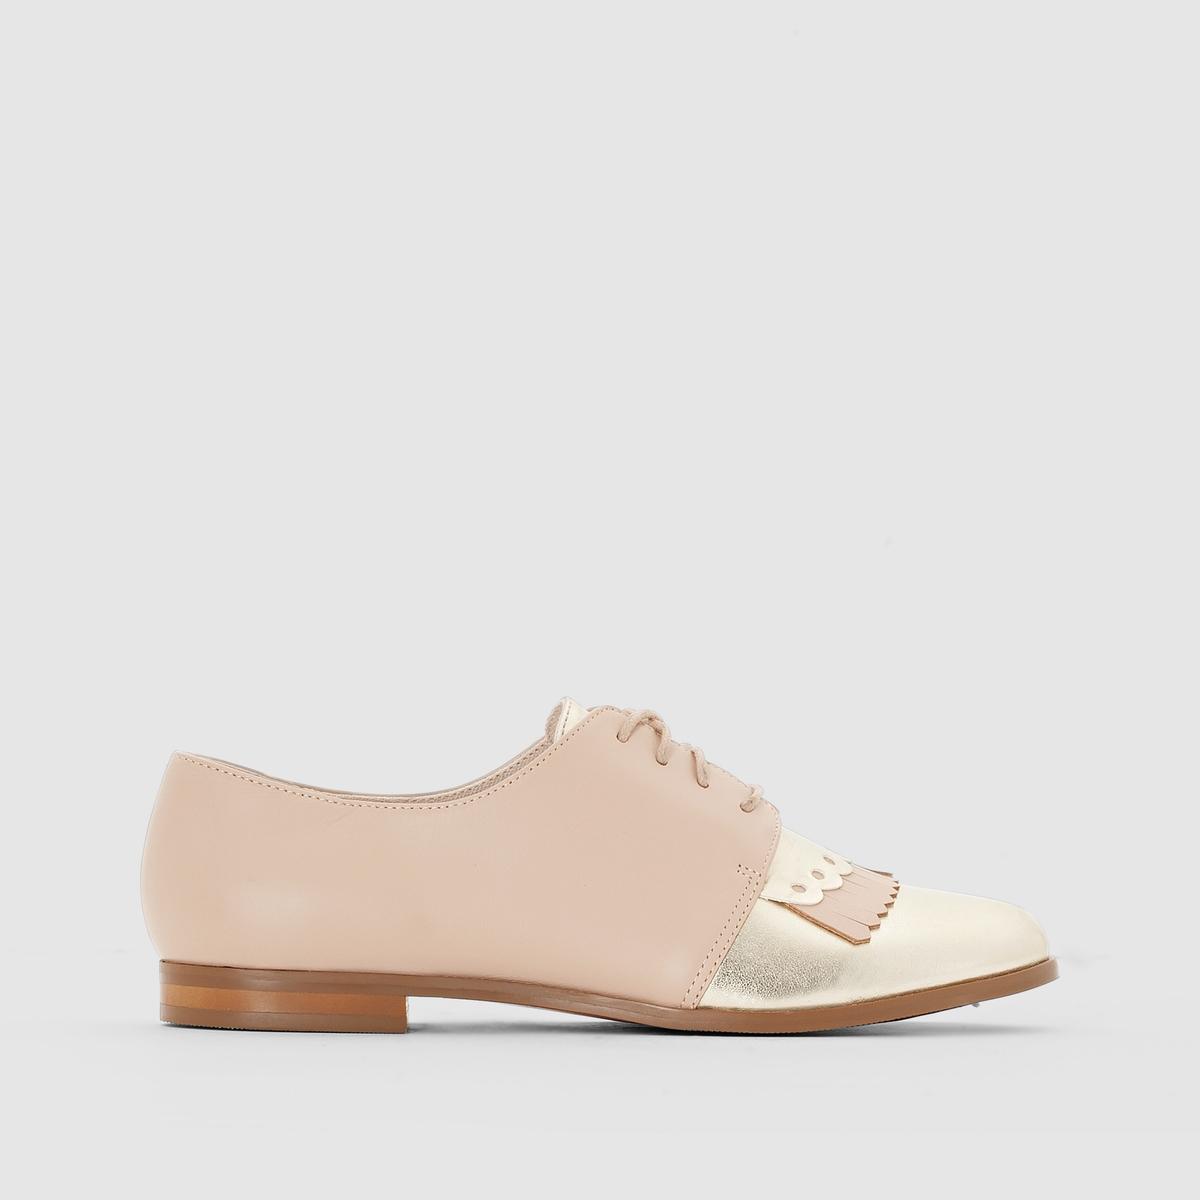 Ботинки-дерби из кожиМы советуем выбирать обувь на размер больше, чем ваш обычный размер Преимущества : эти двухцветные ботинки-дерби слегка напоминают обувь для игры в гольф, золотистый элемент спереди очень изящно будет смотреться с юбкой или с джинсами.<br><br>Цвет: бежевый<br>Размер: 42